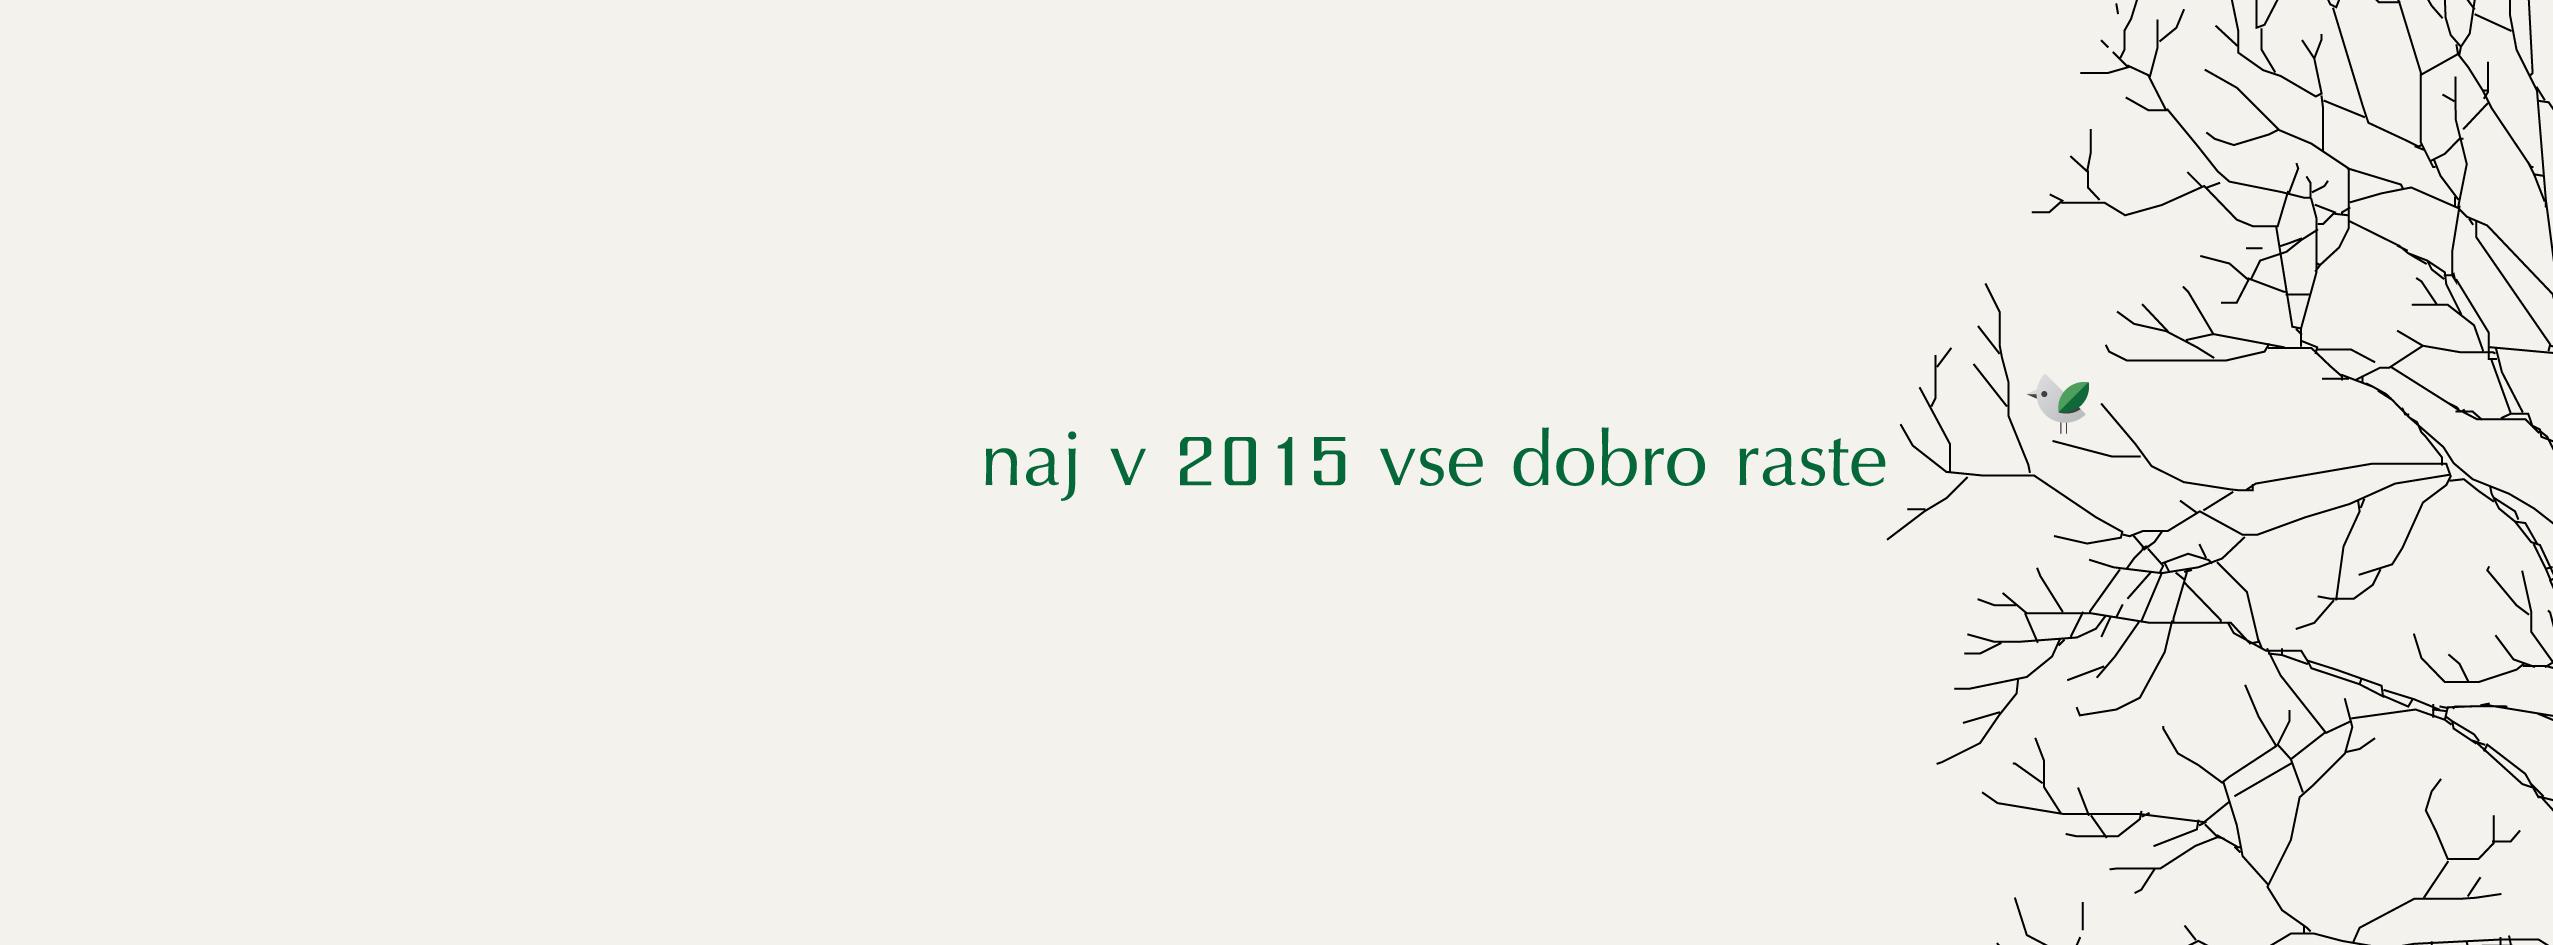 mitja-skrjanec-bozic-2015